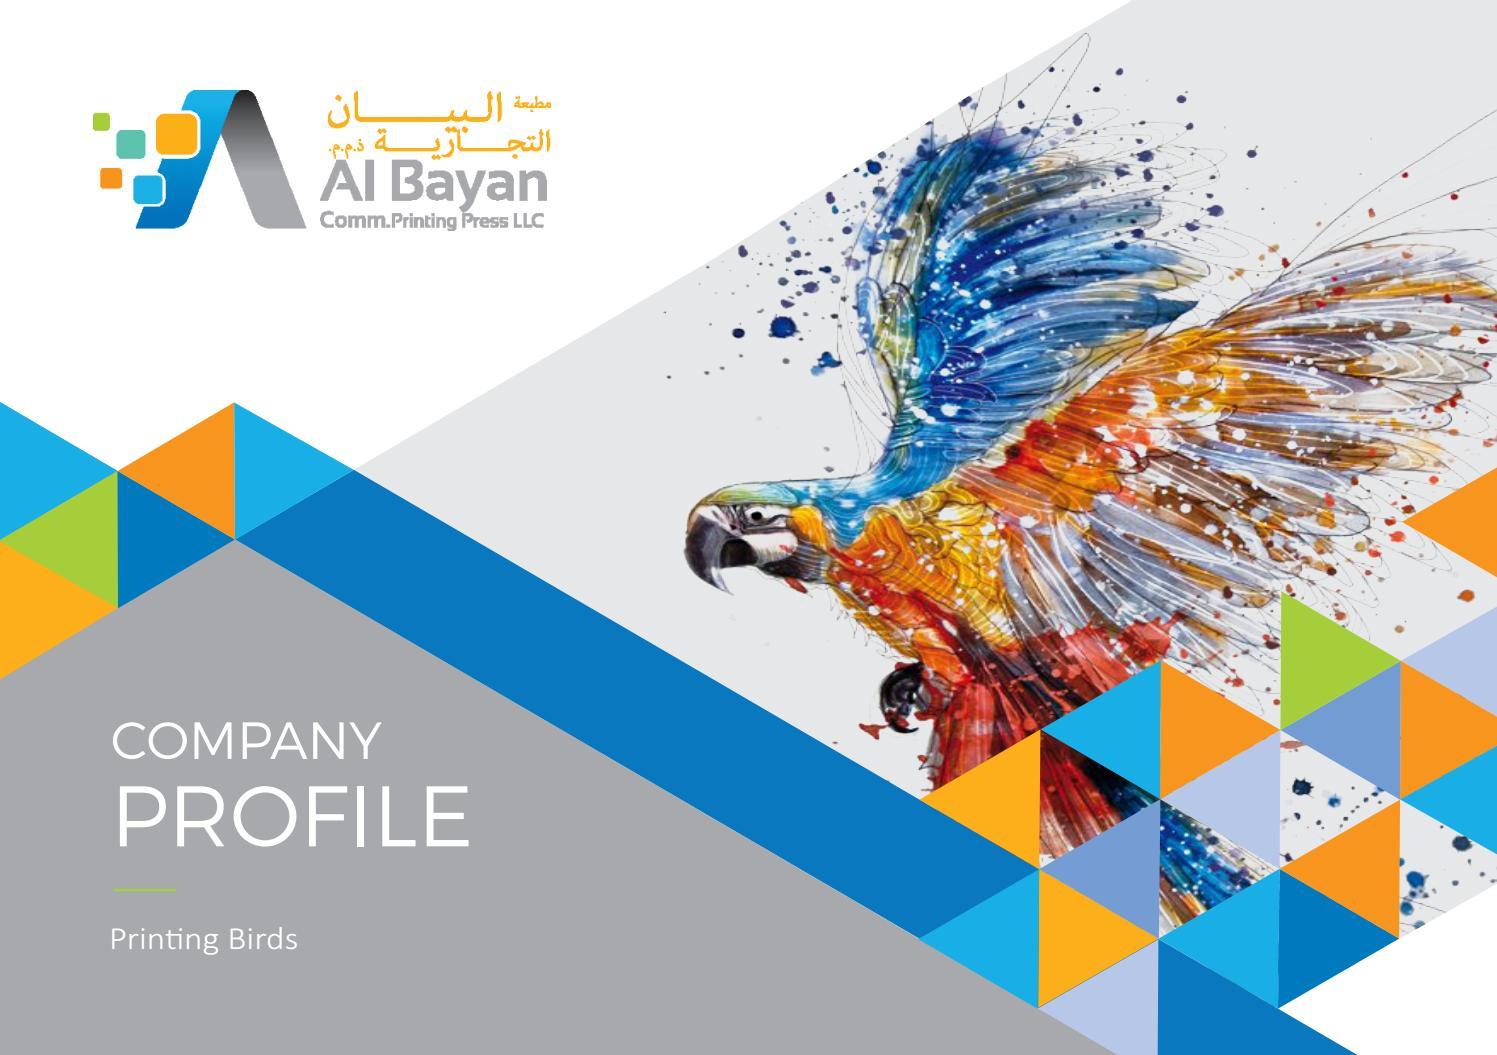 Al Bayan Printing Press LLC by Ahmed Malik - issuu